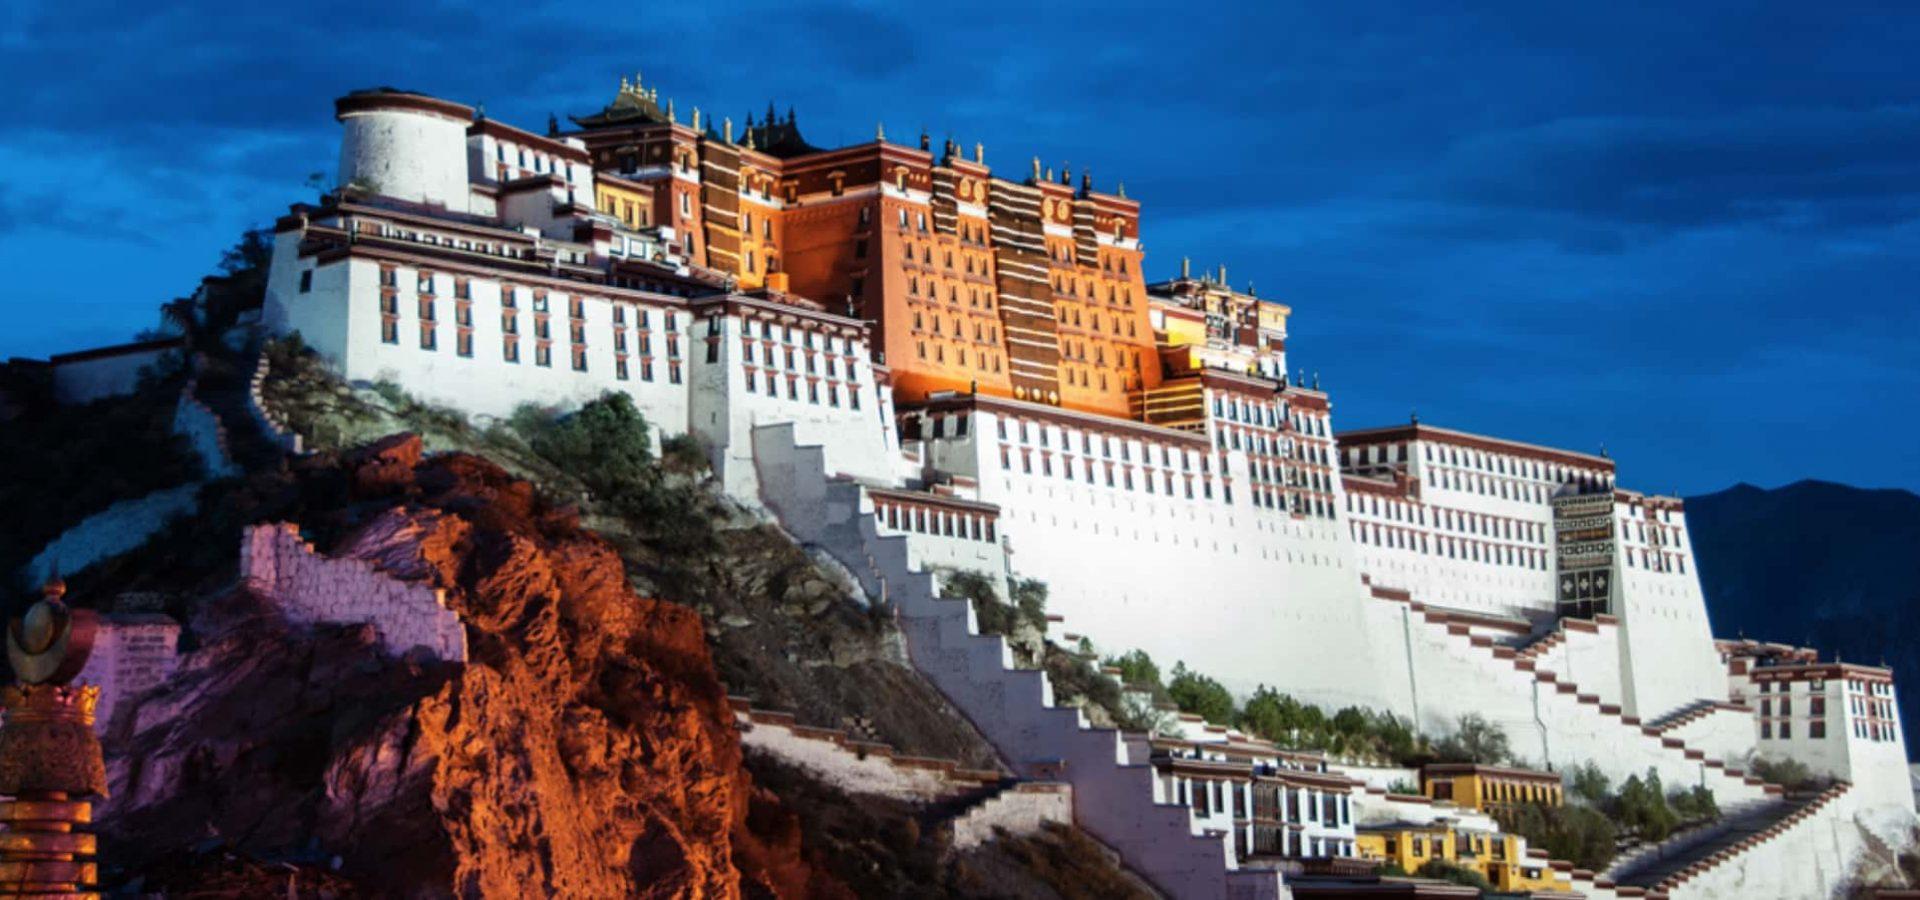 Lhasa Tibet Tour 4 Night 5 Days tour from Nepal